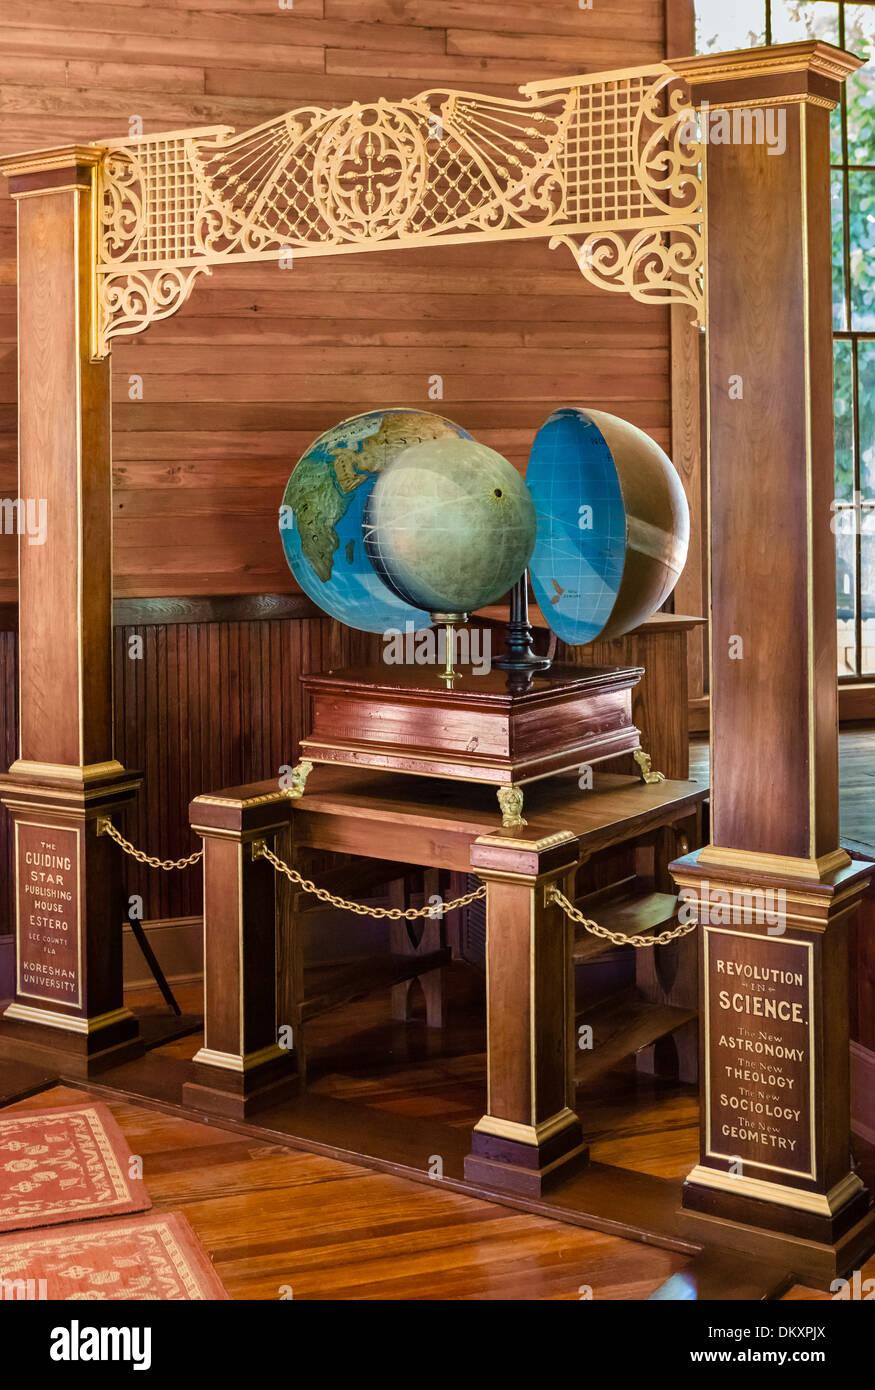 """Modello illustratiing il Koreshan """"terra cava"""" la teoria, Koreshan State Historic Park, Estero, nr Fort Myers, Florida, Stati Uniti d'America Immagini Stock"""